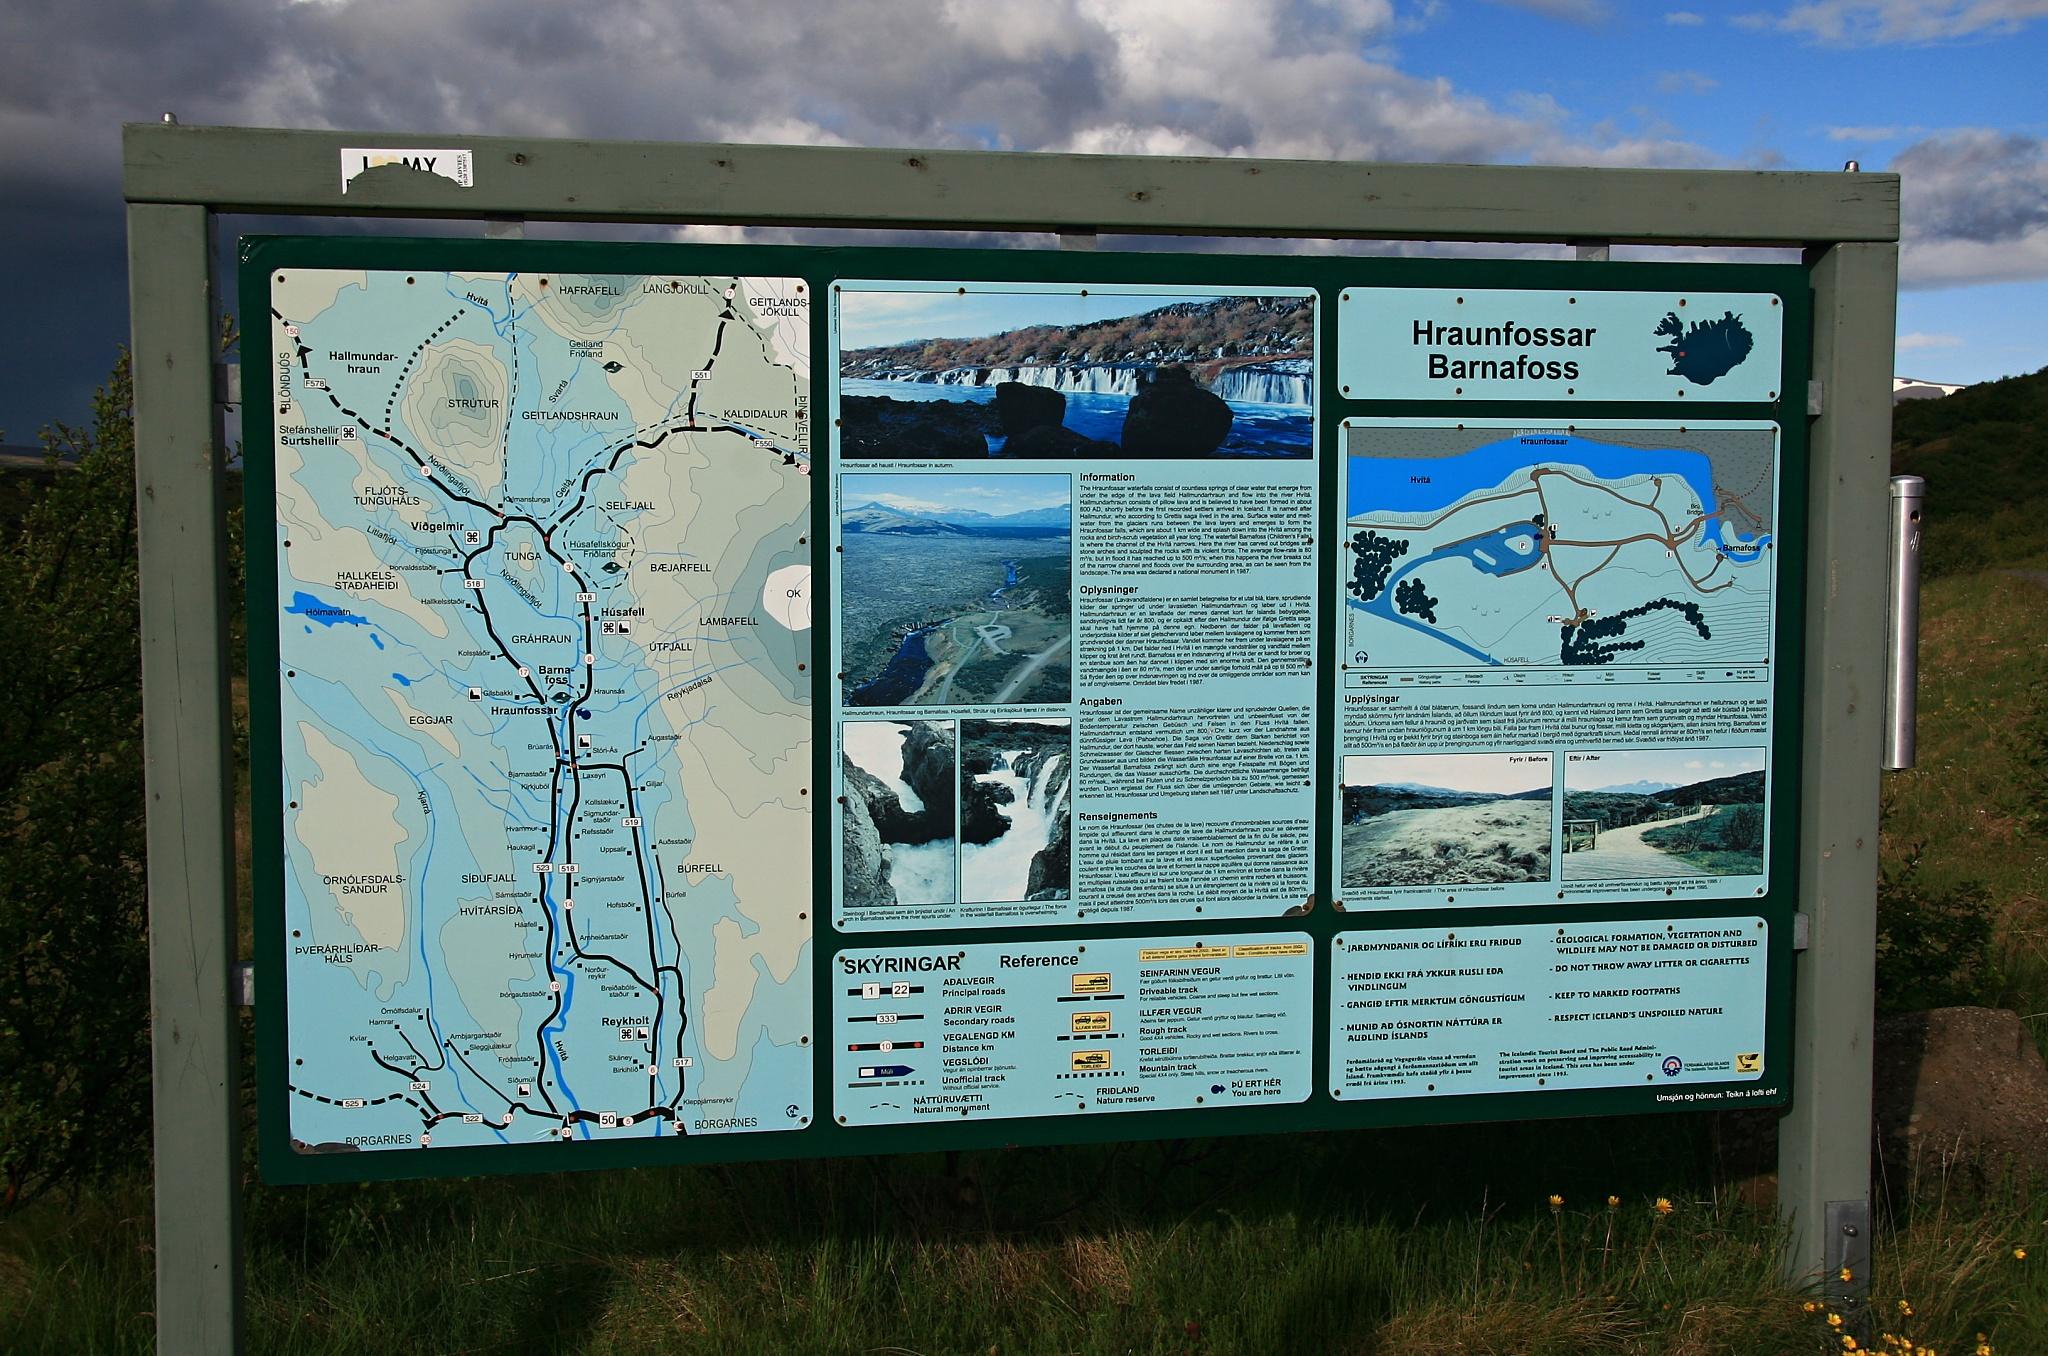 Informační tabule u vodopádů Hraunfossar a Barnafoss